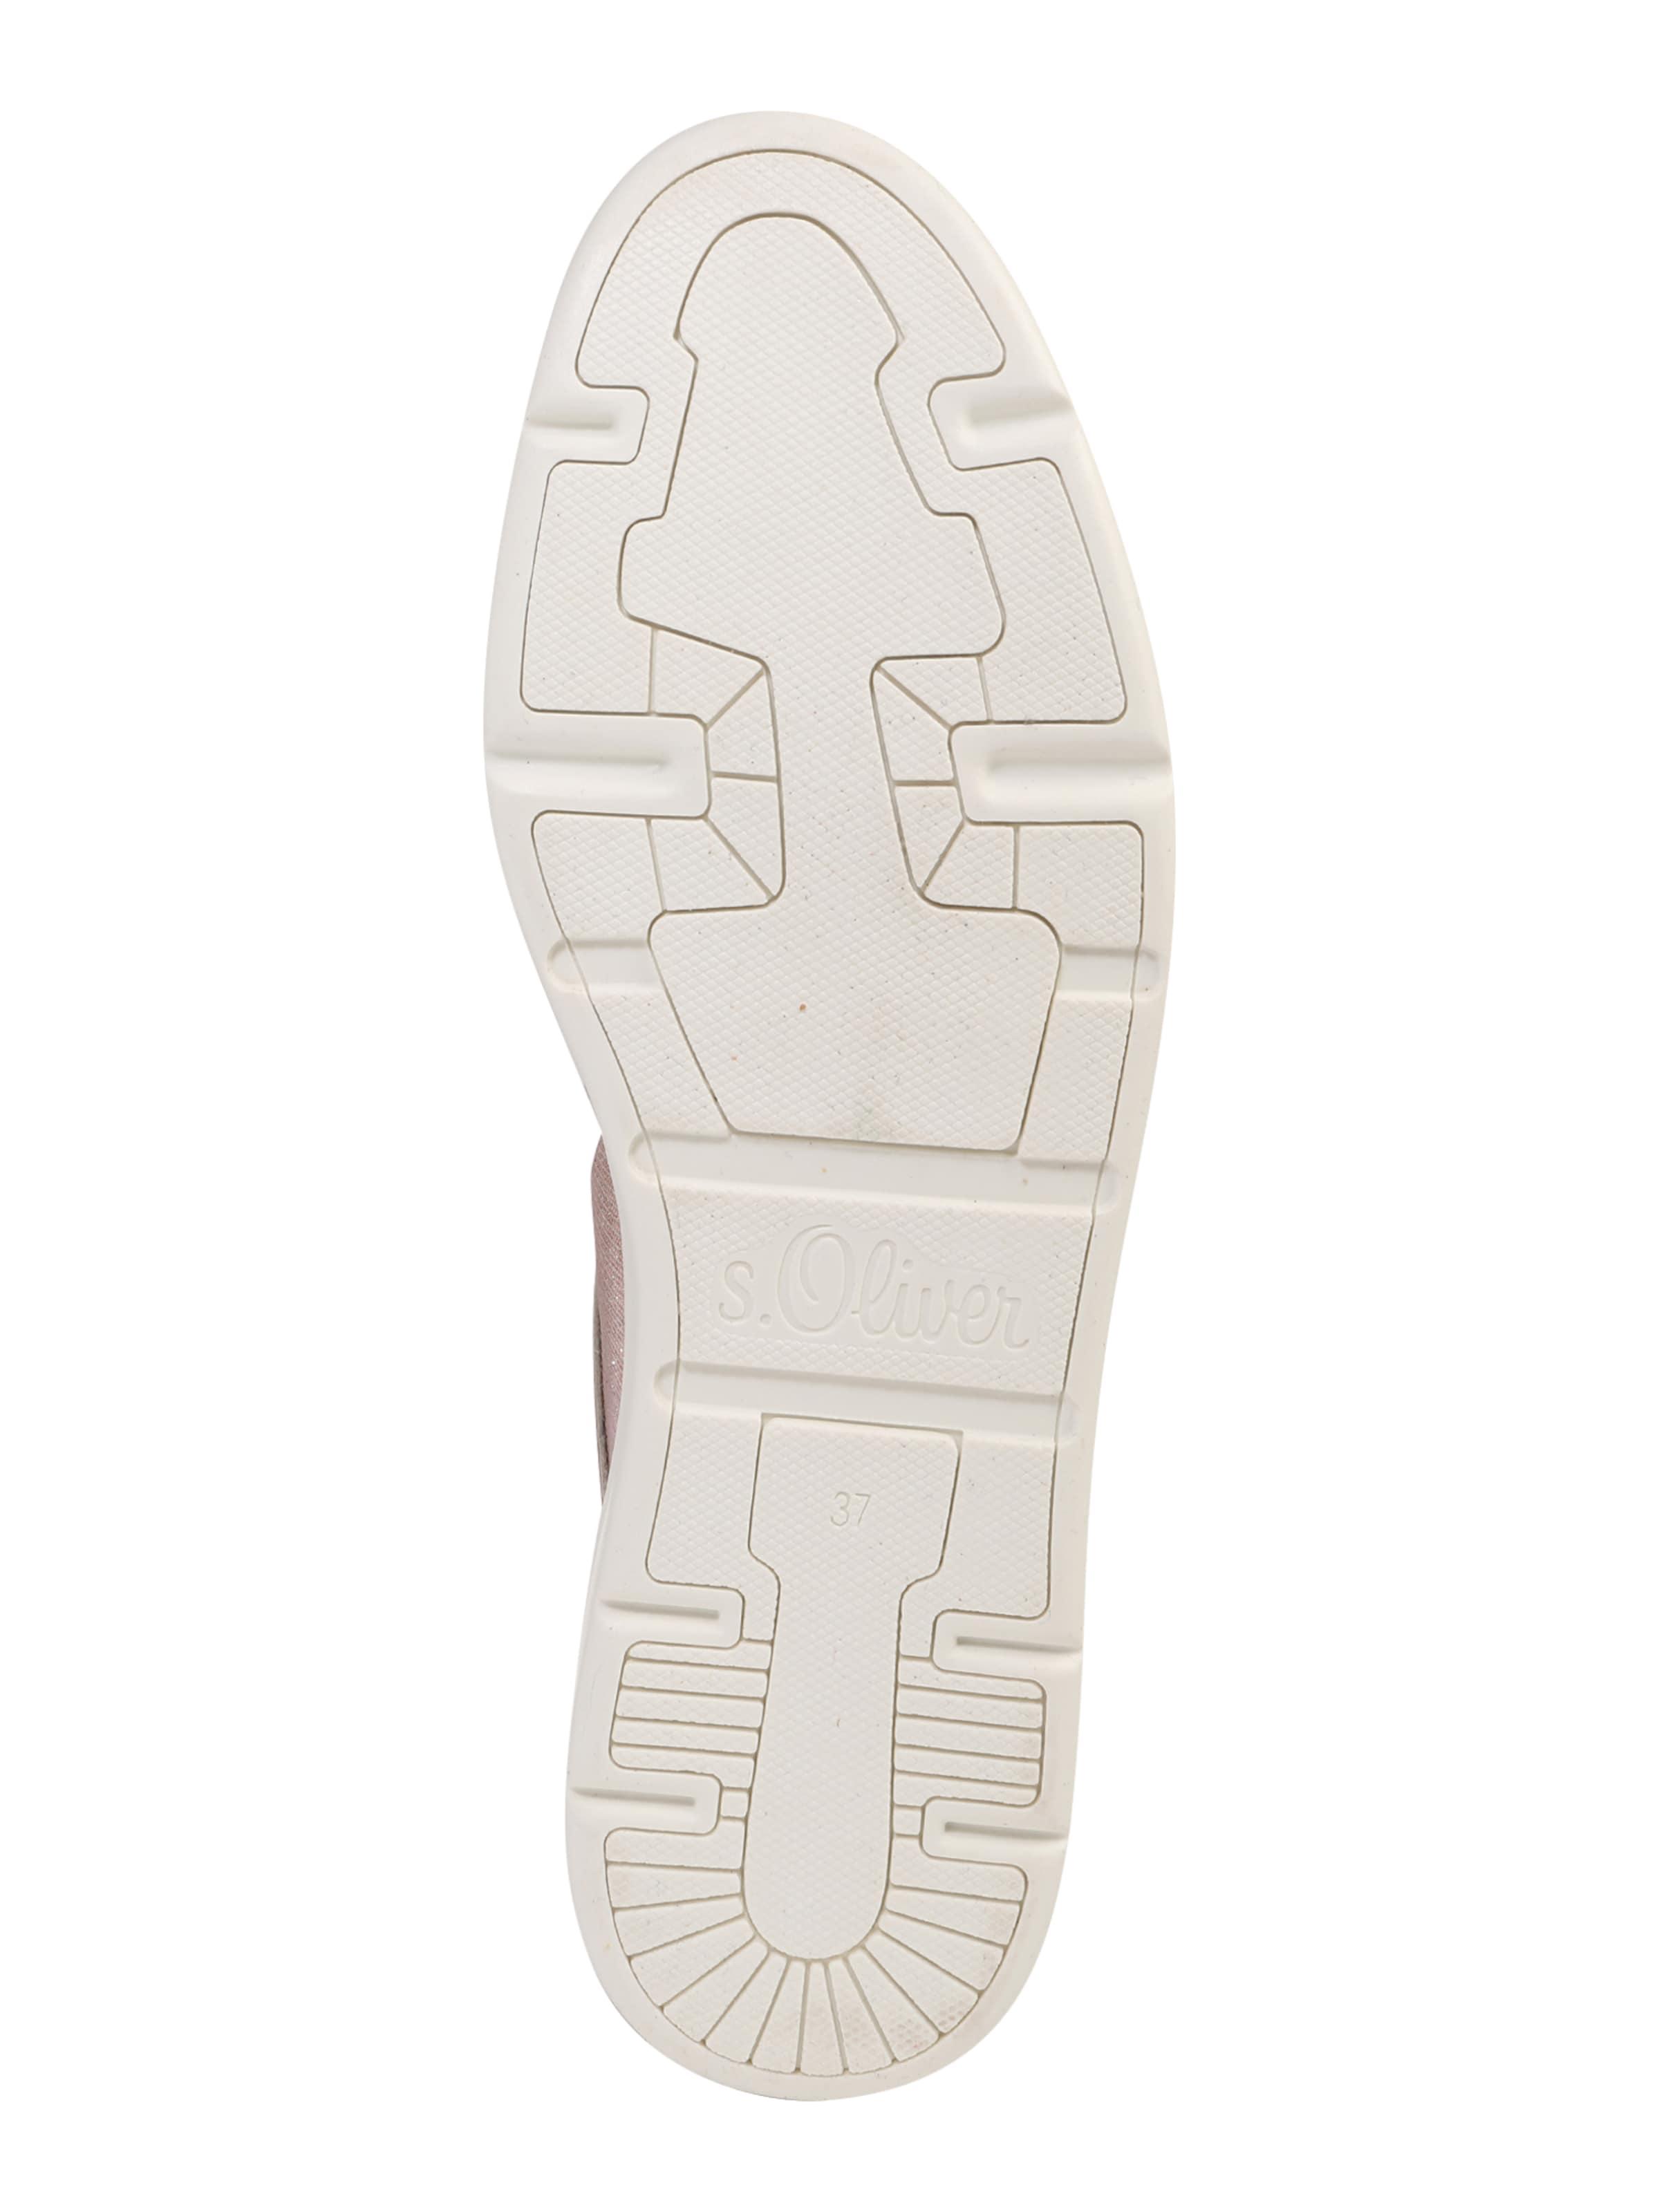 100% Original Günstiger Preis s.Oliver RED LABEL Sneaker mit Glitzerfäden Spielraum 2018 Unisex UVkVm